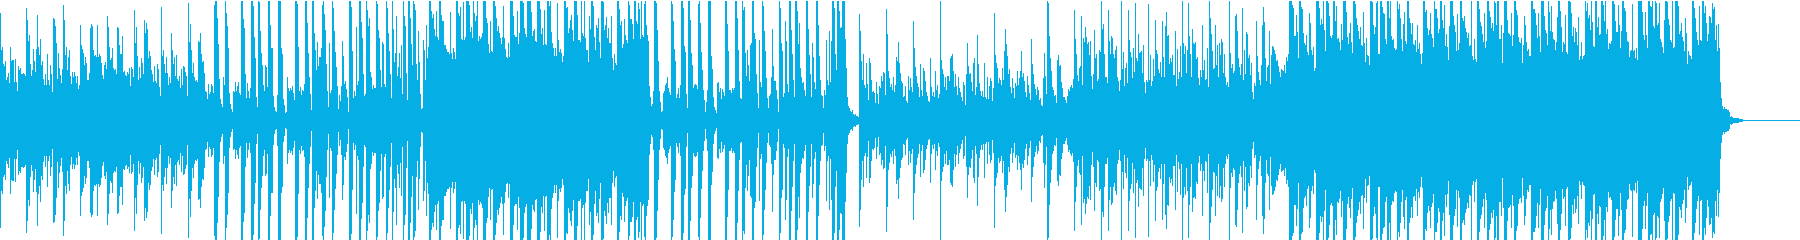 ピアノの旋律が切ないシンセインストの再生済みの波形